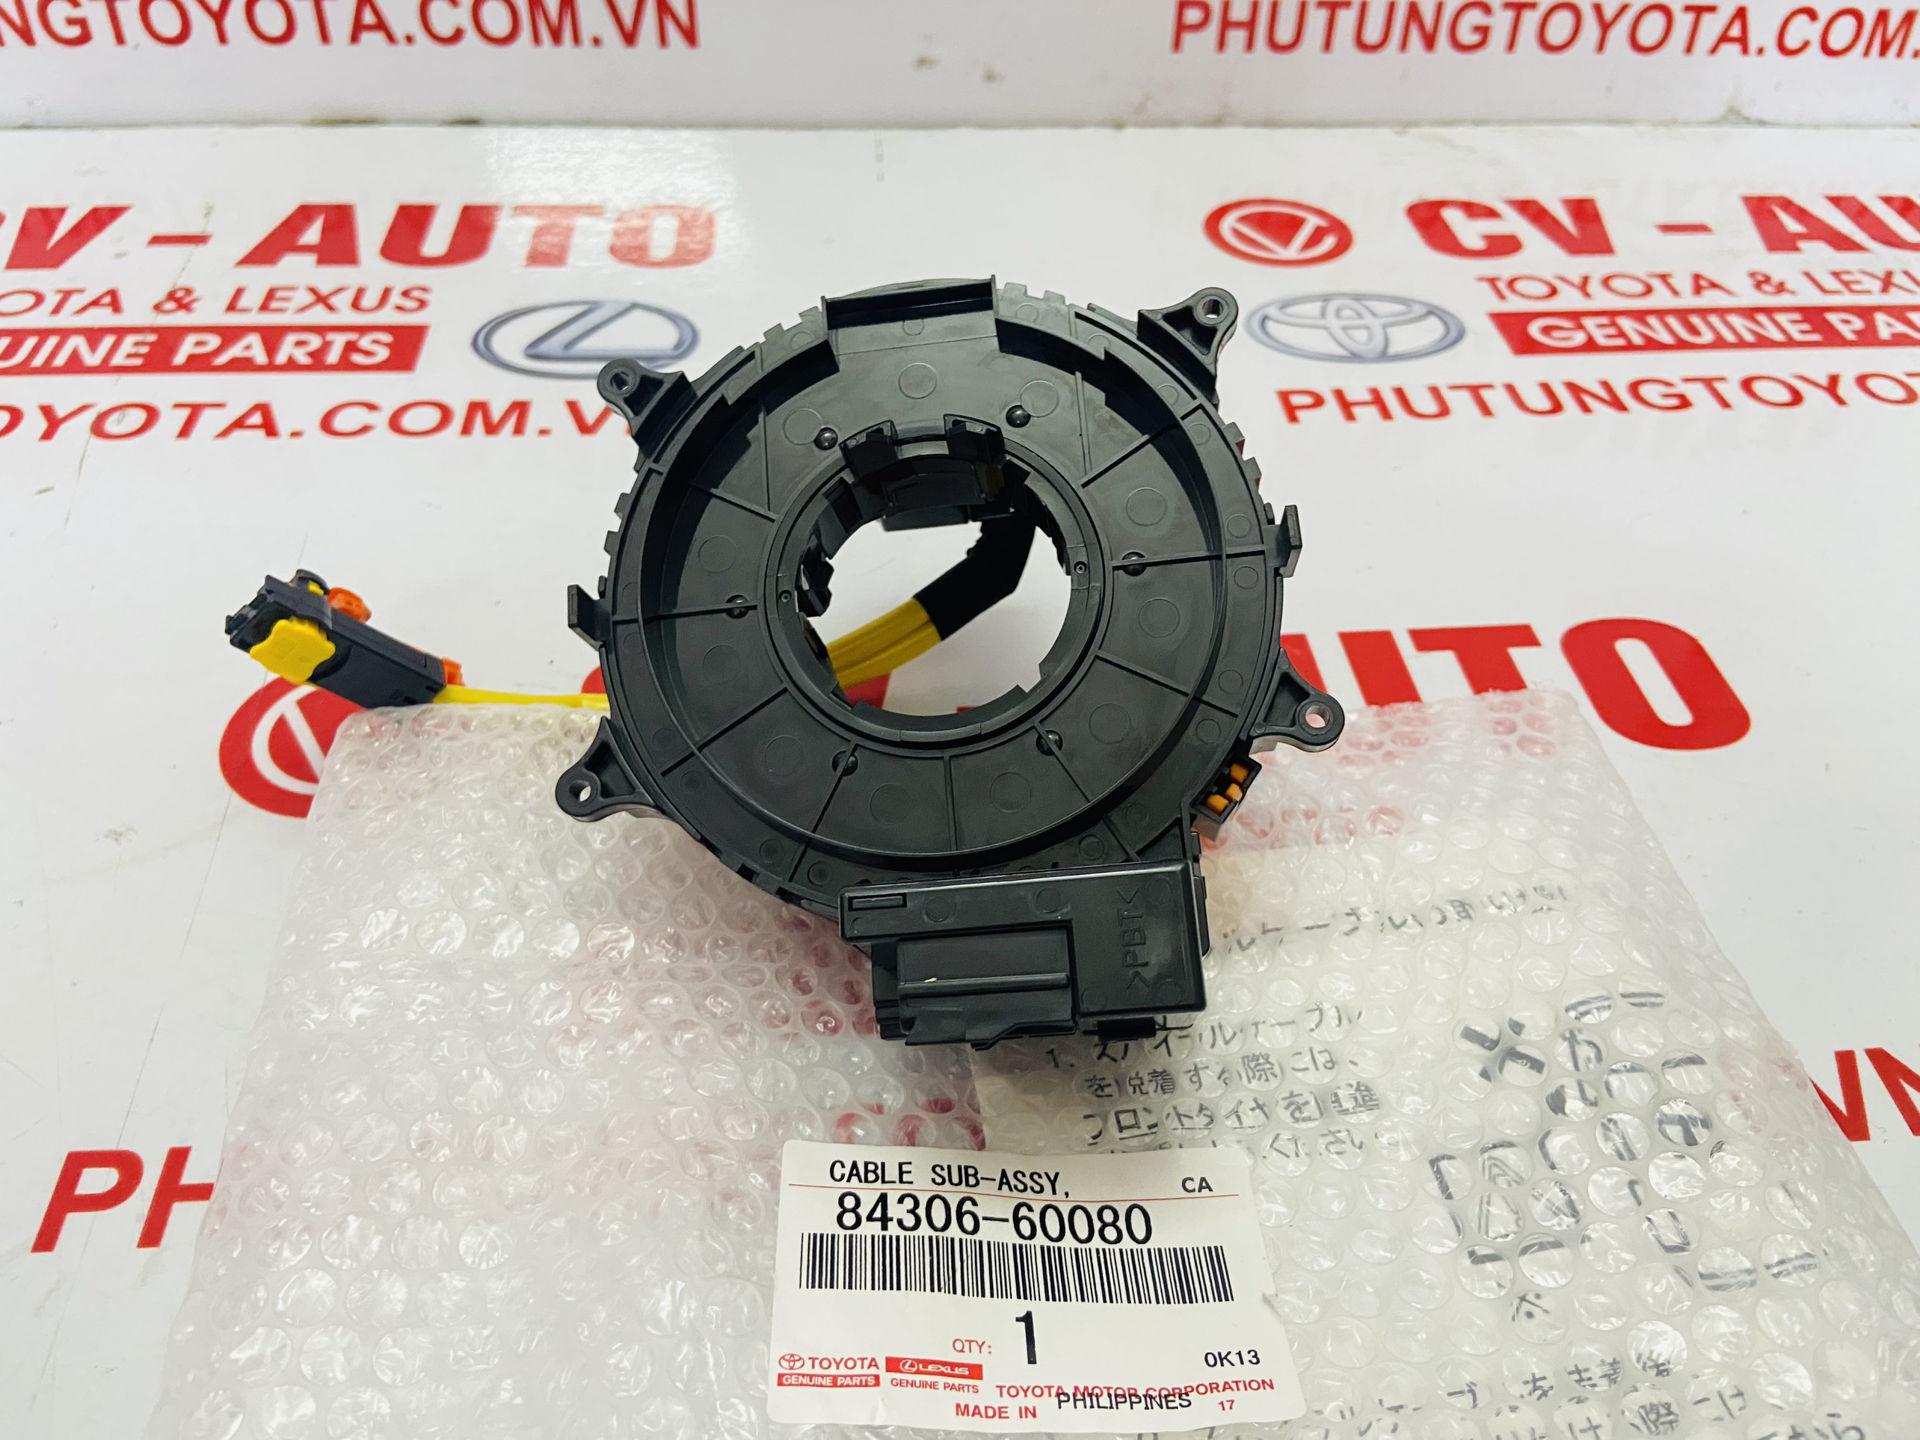 Picture of 84306-60080, 8430660080 Cáp còi Lexus GX470, LX470 hàng chính hãng